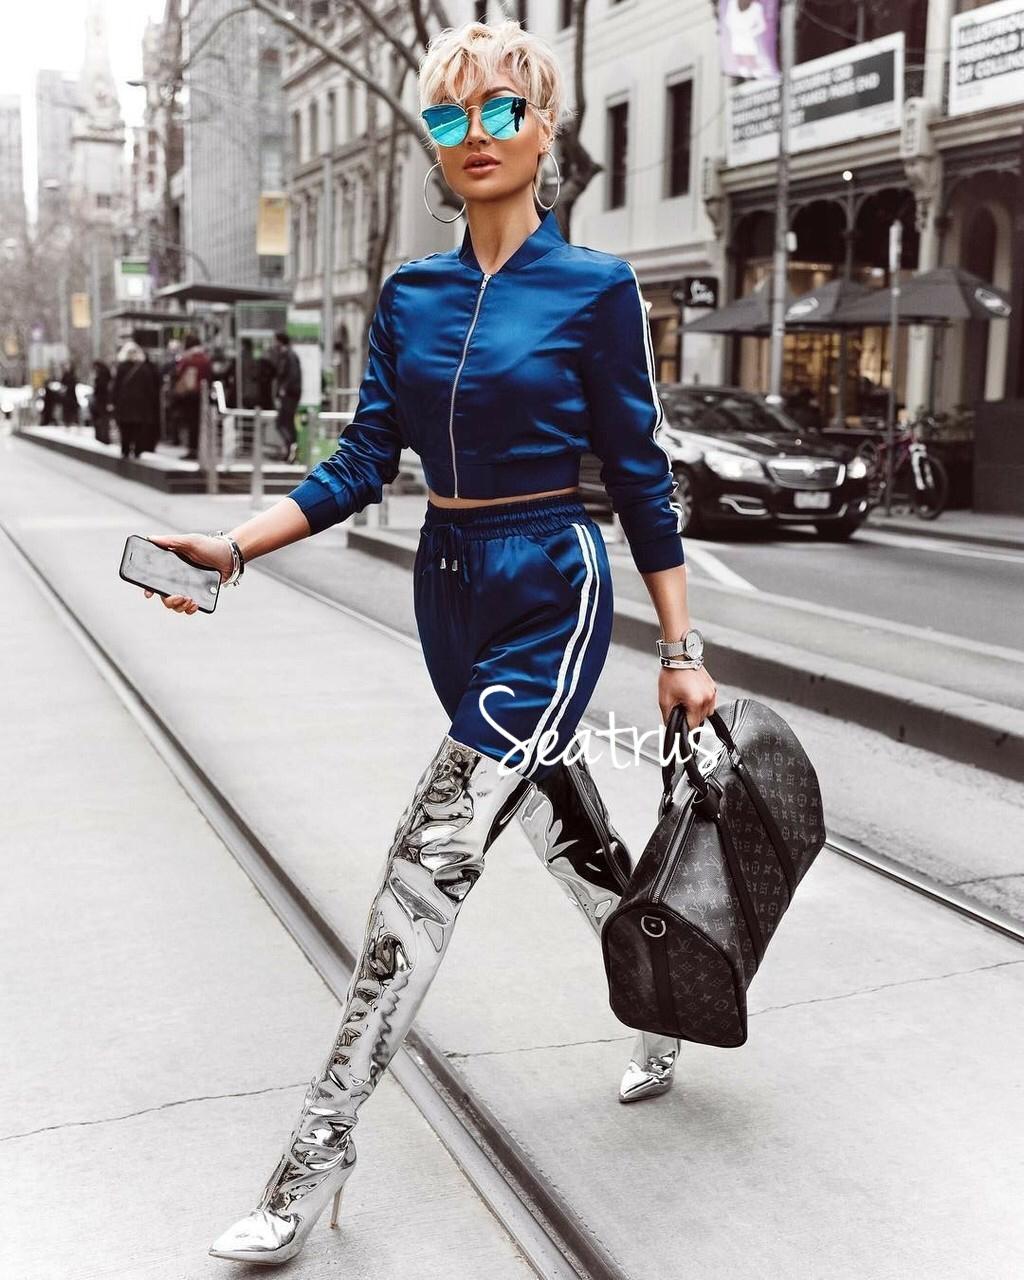 メタリック シルバー ニーハイブーツ 2017aw 海外セレブ 海外ファッション Laファッション La インポート